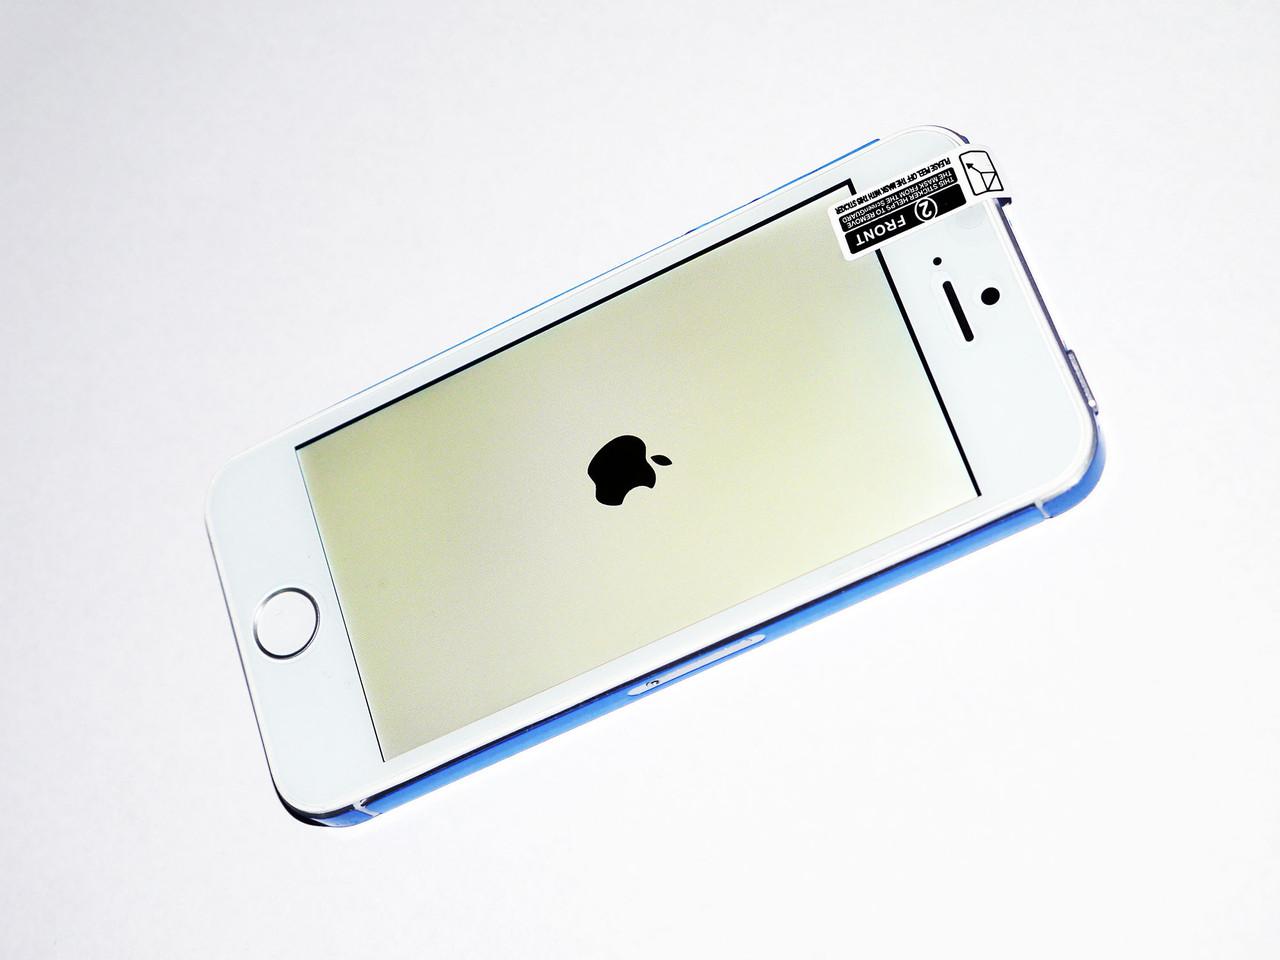 Телефон IPhone 5S copy Android 2Ядра +512RAM +8GB Rom+АGPS